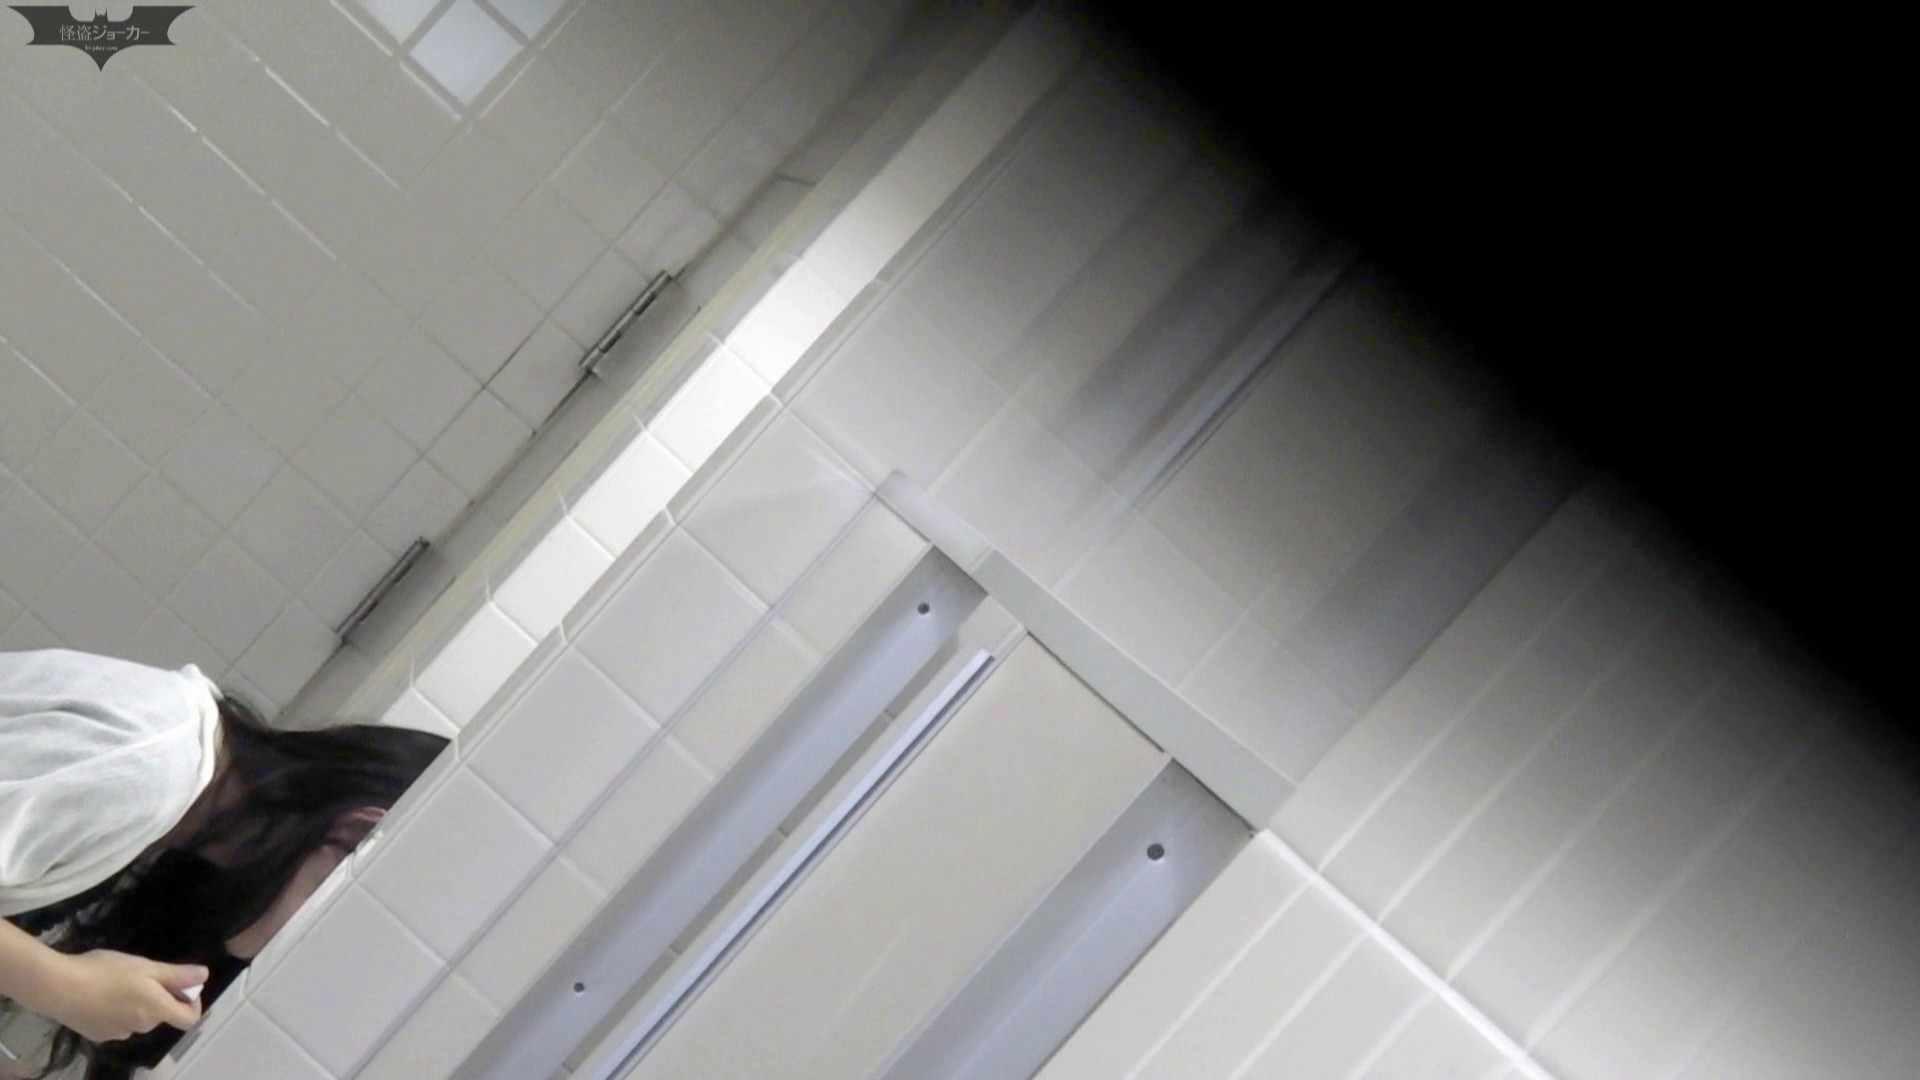 お銀 vol.68 無謀に通路に飛び出て一番明るいフロント撮り実現、見所満載 洗面所  94連発 51